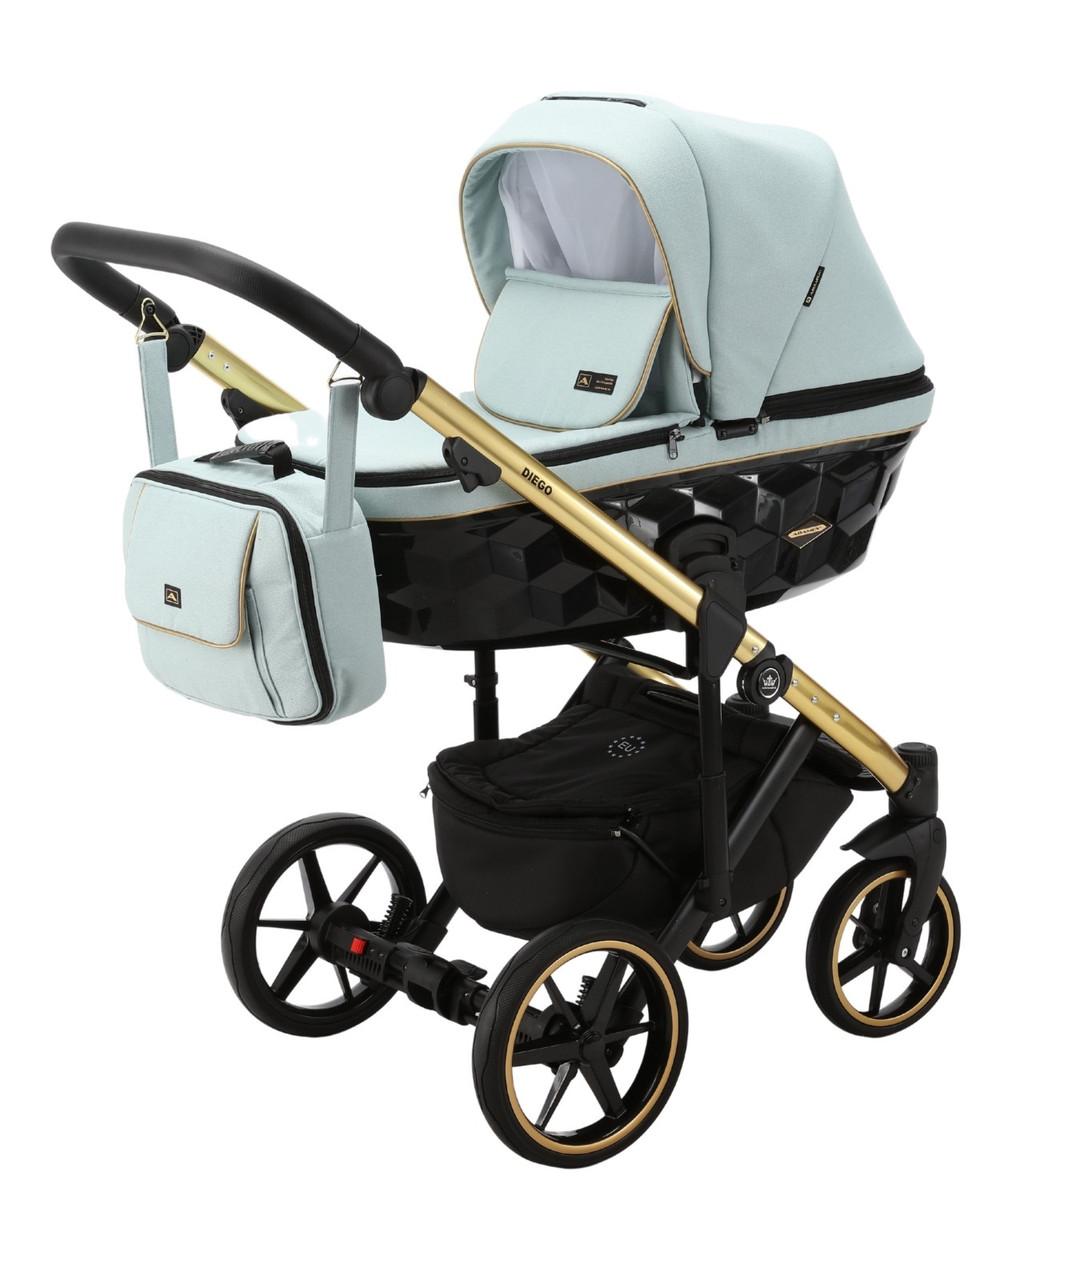 Детская универсальная коляска 2 в 1 Adamex Diego TK-600